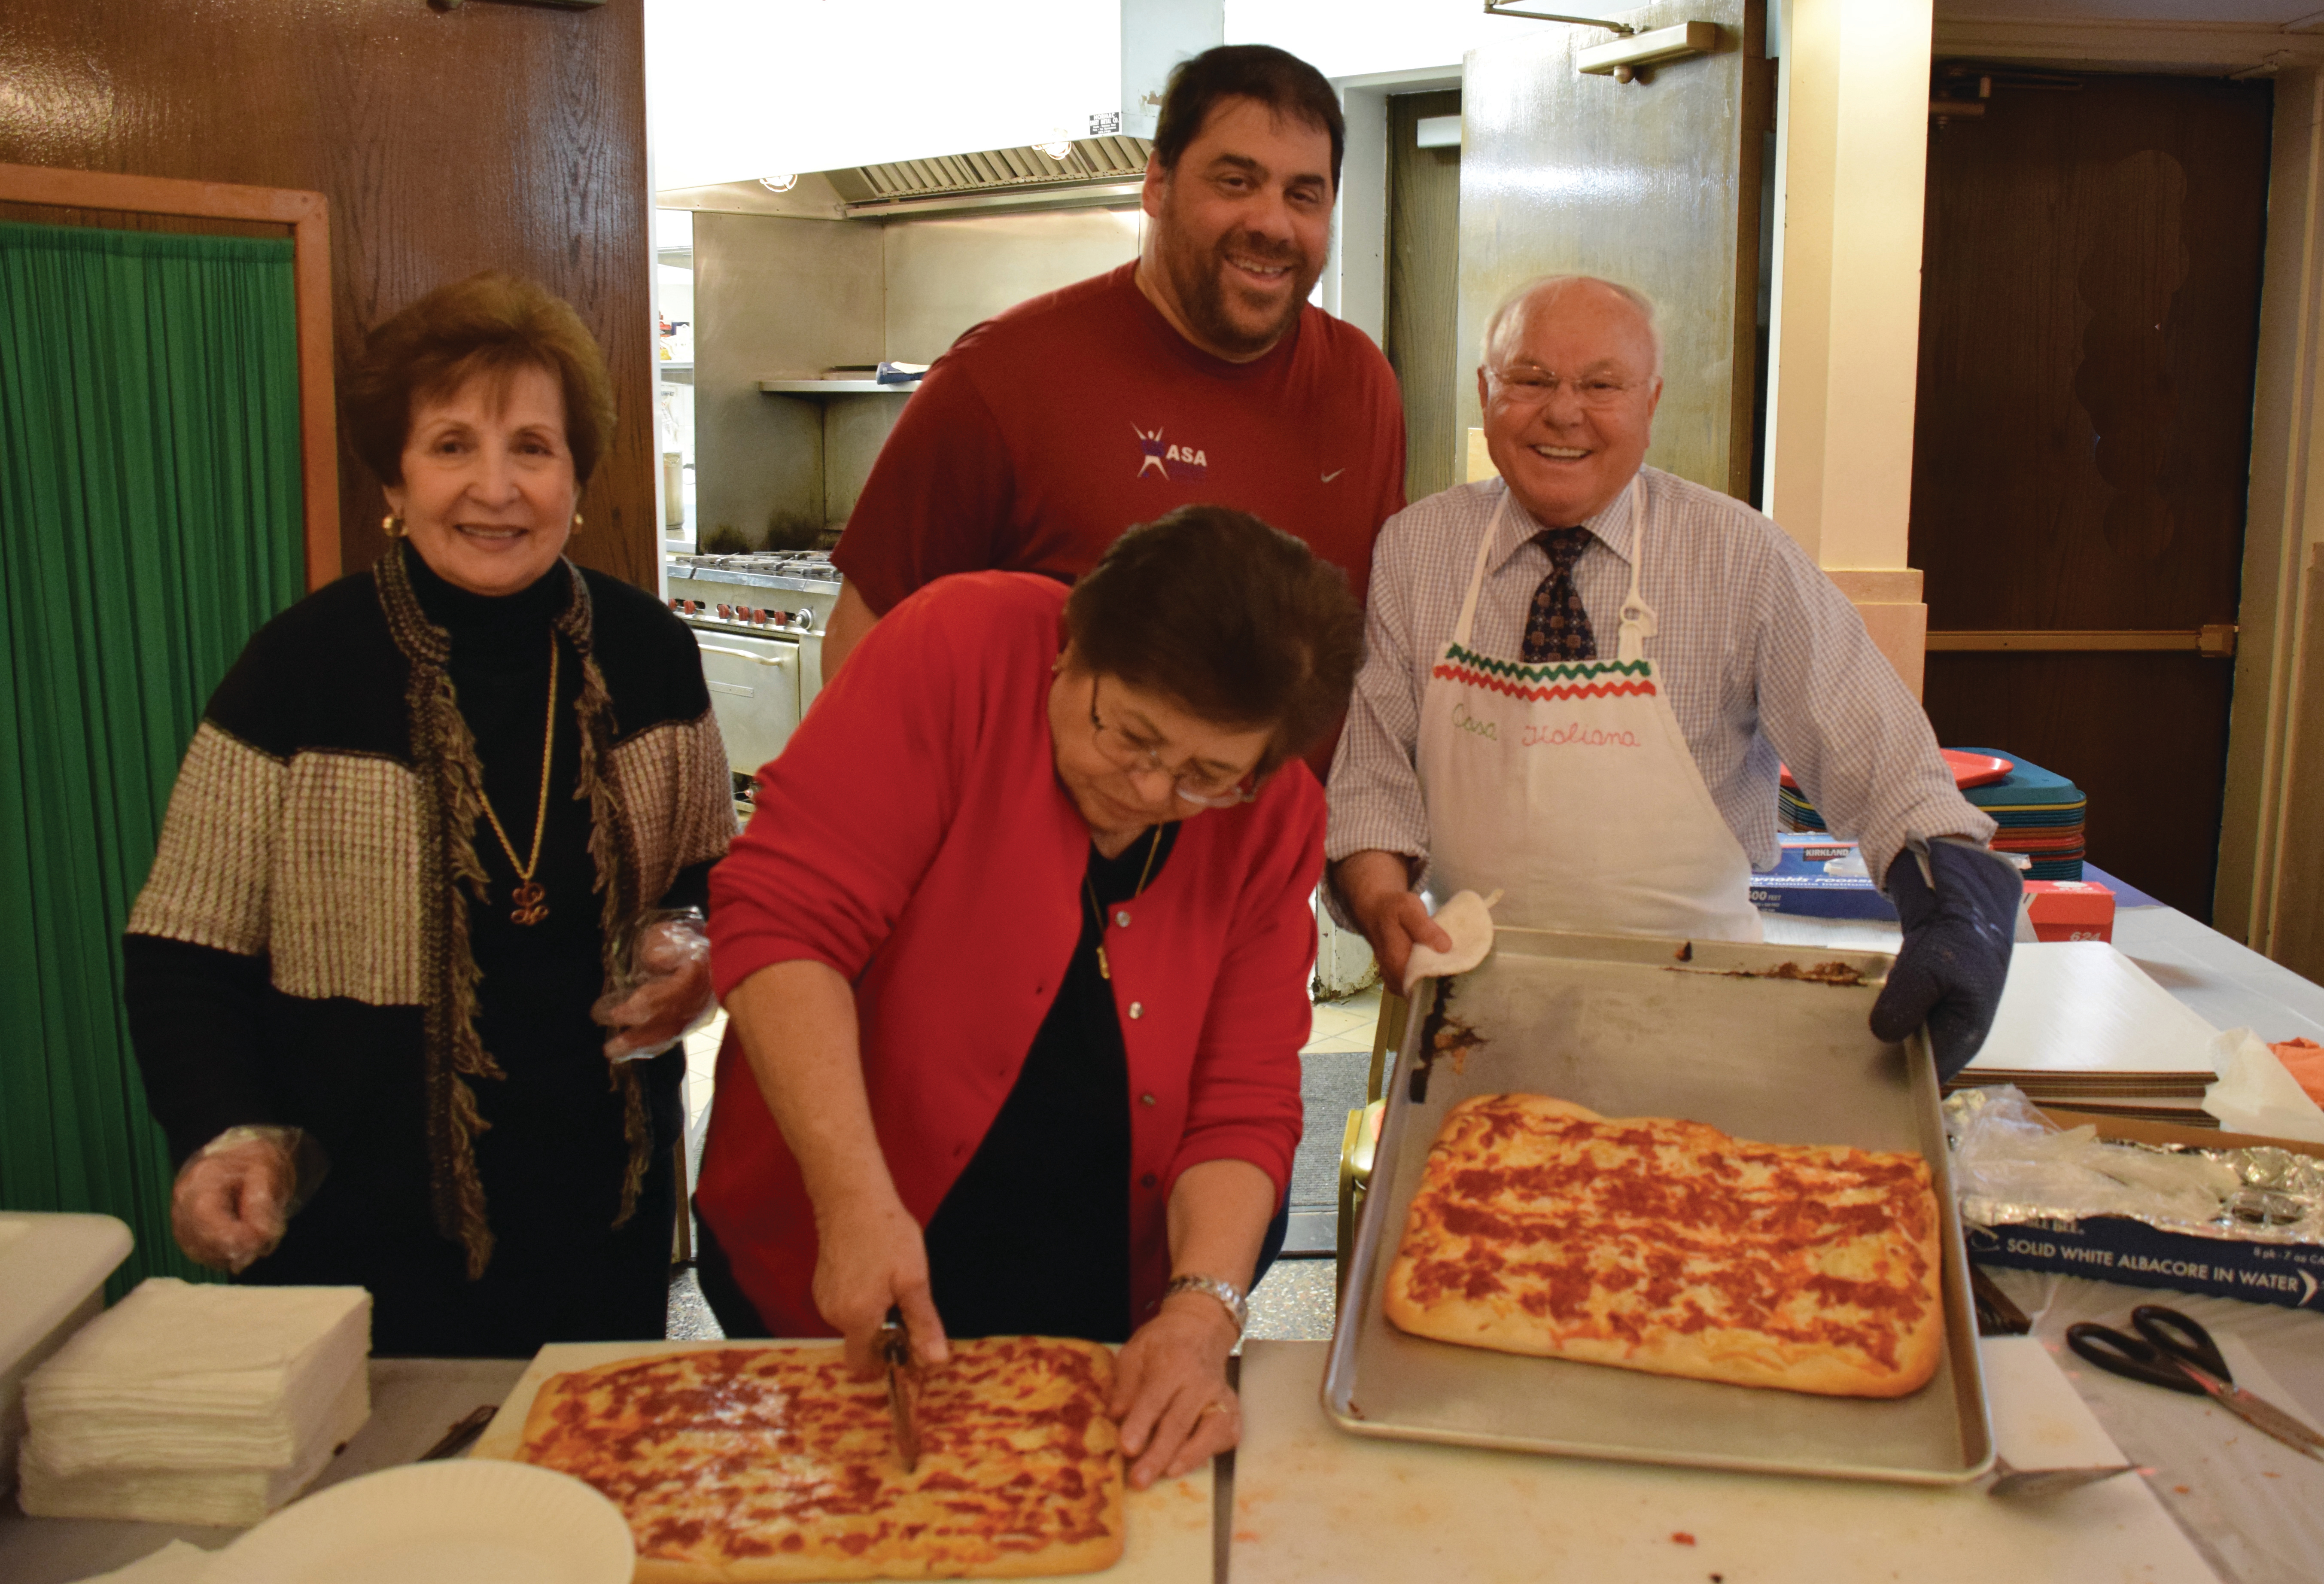 Making pizza at Casa Italiana